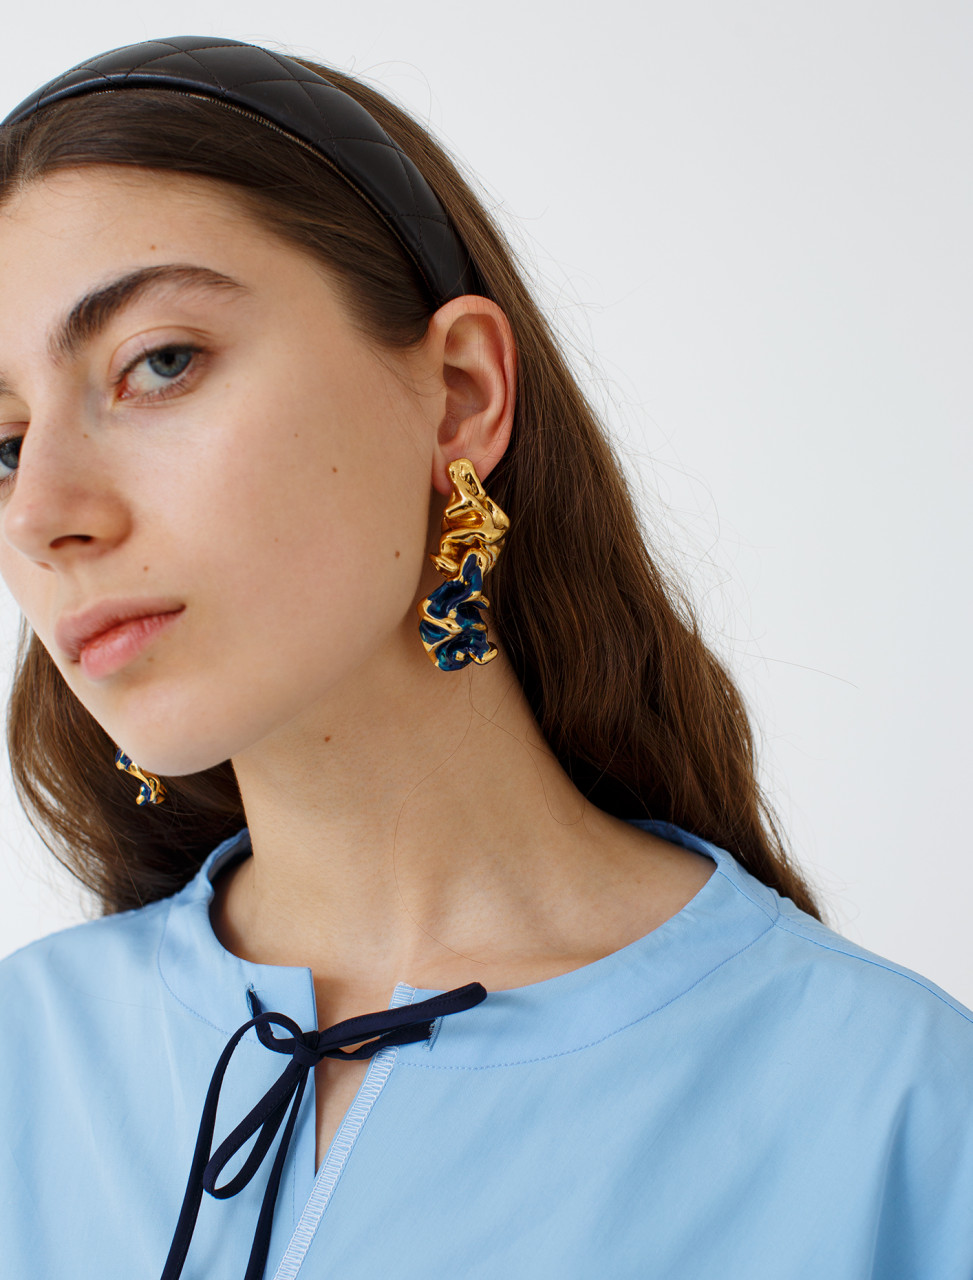 Enamelled Metal Earrings